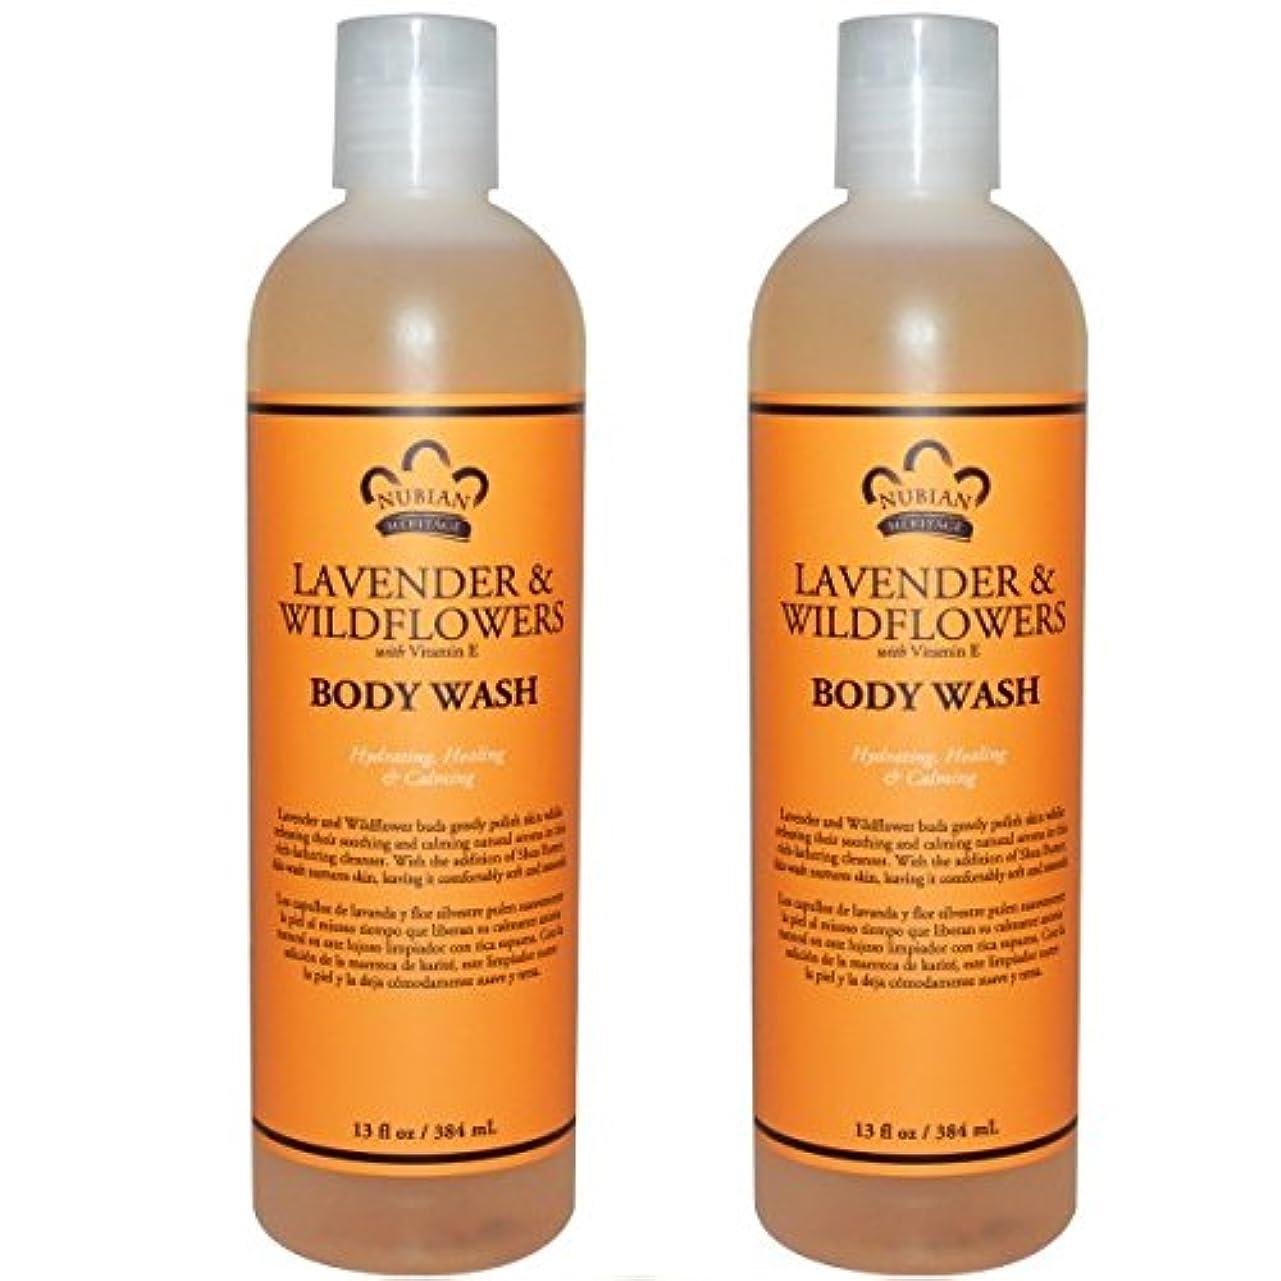 注目すべきペダル旅行者【海外直送品】【2本】Nubian Heritage Body Wash Relaxing & Nourishing, Lavender & Wildflowers - 13 fl oz (384 ml)